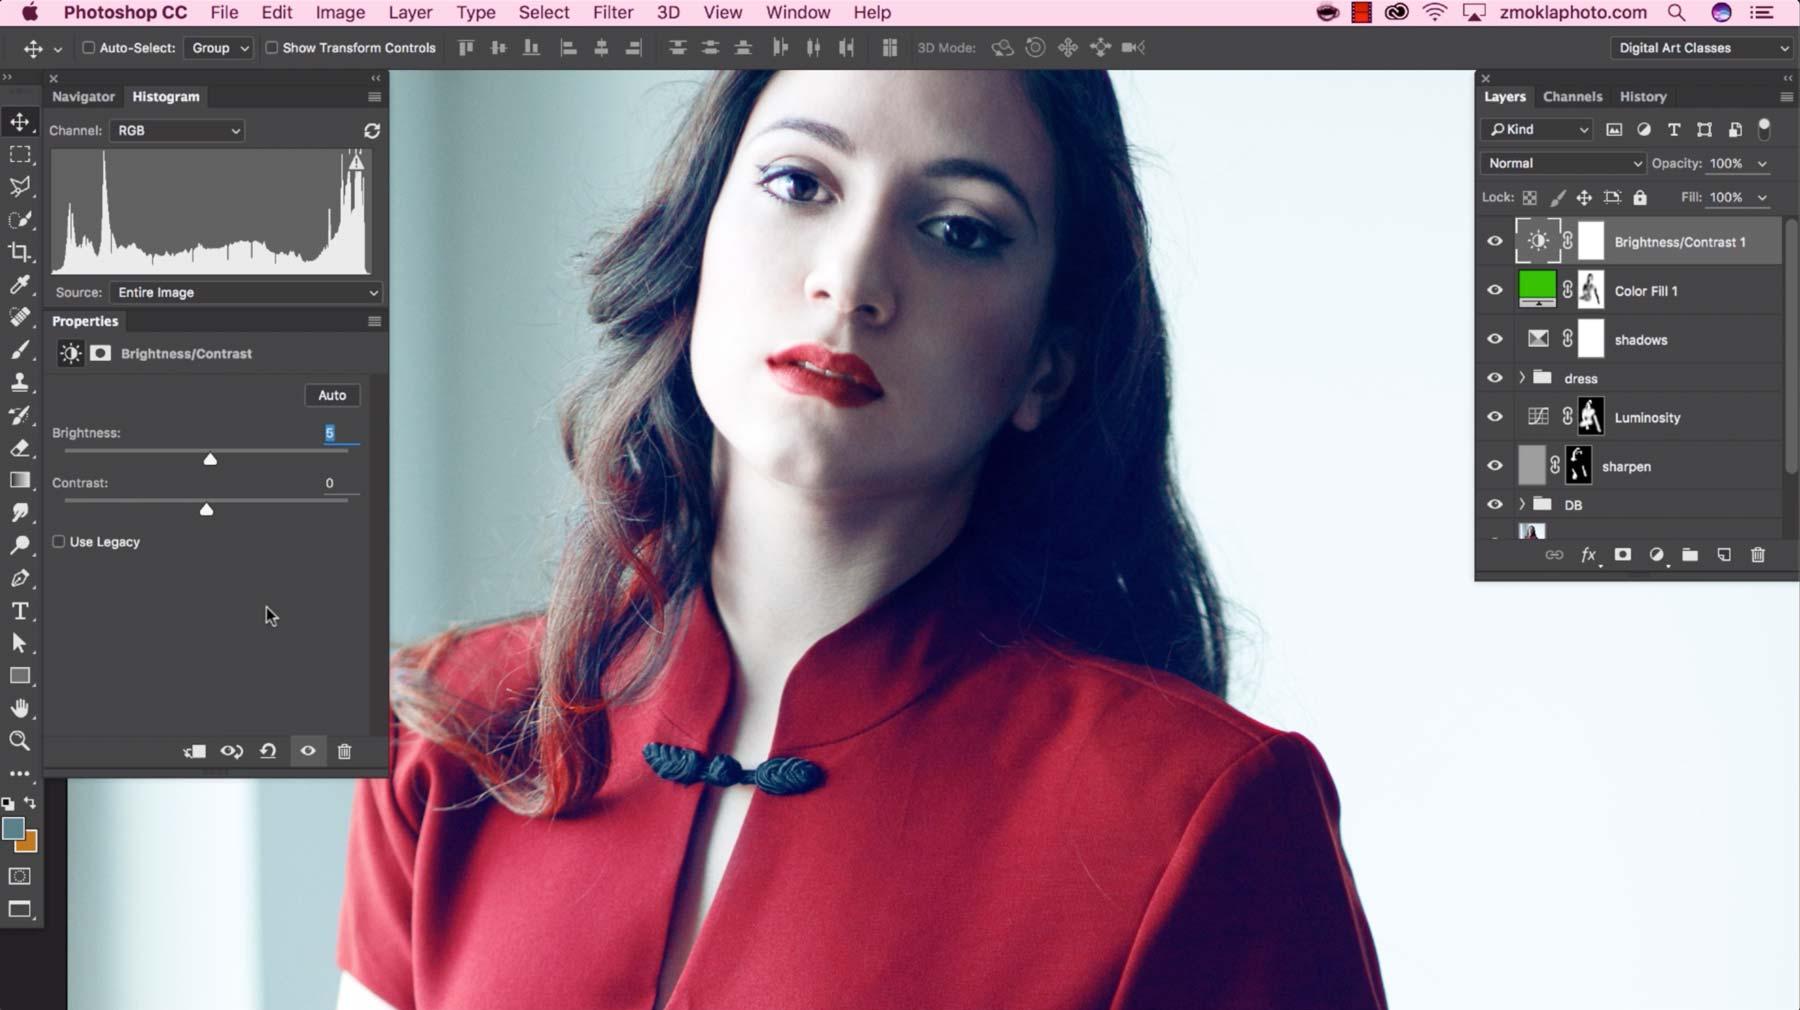 Complete Photo Edit 1: Simona